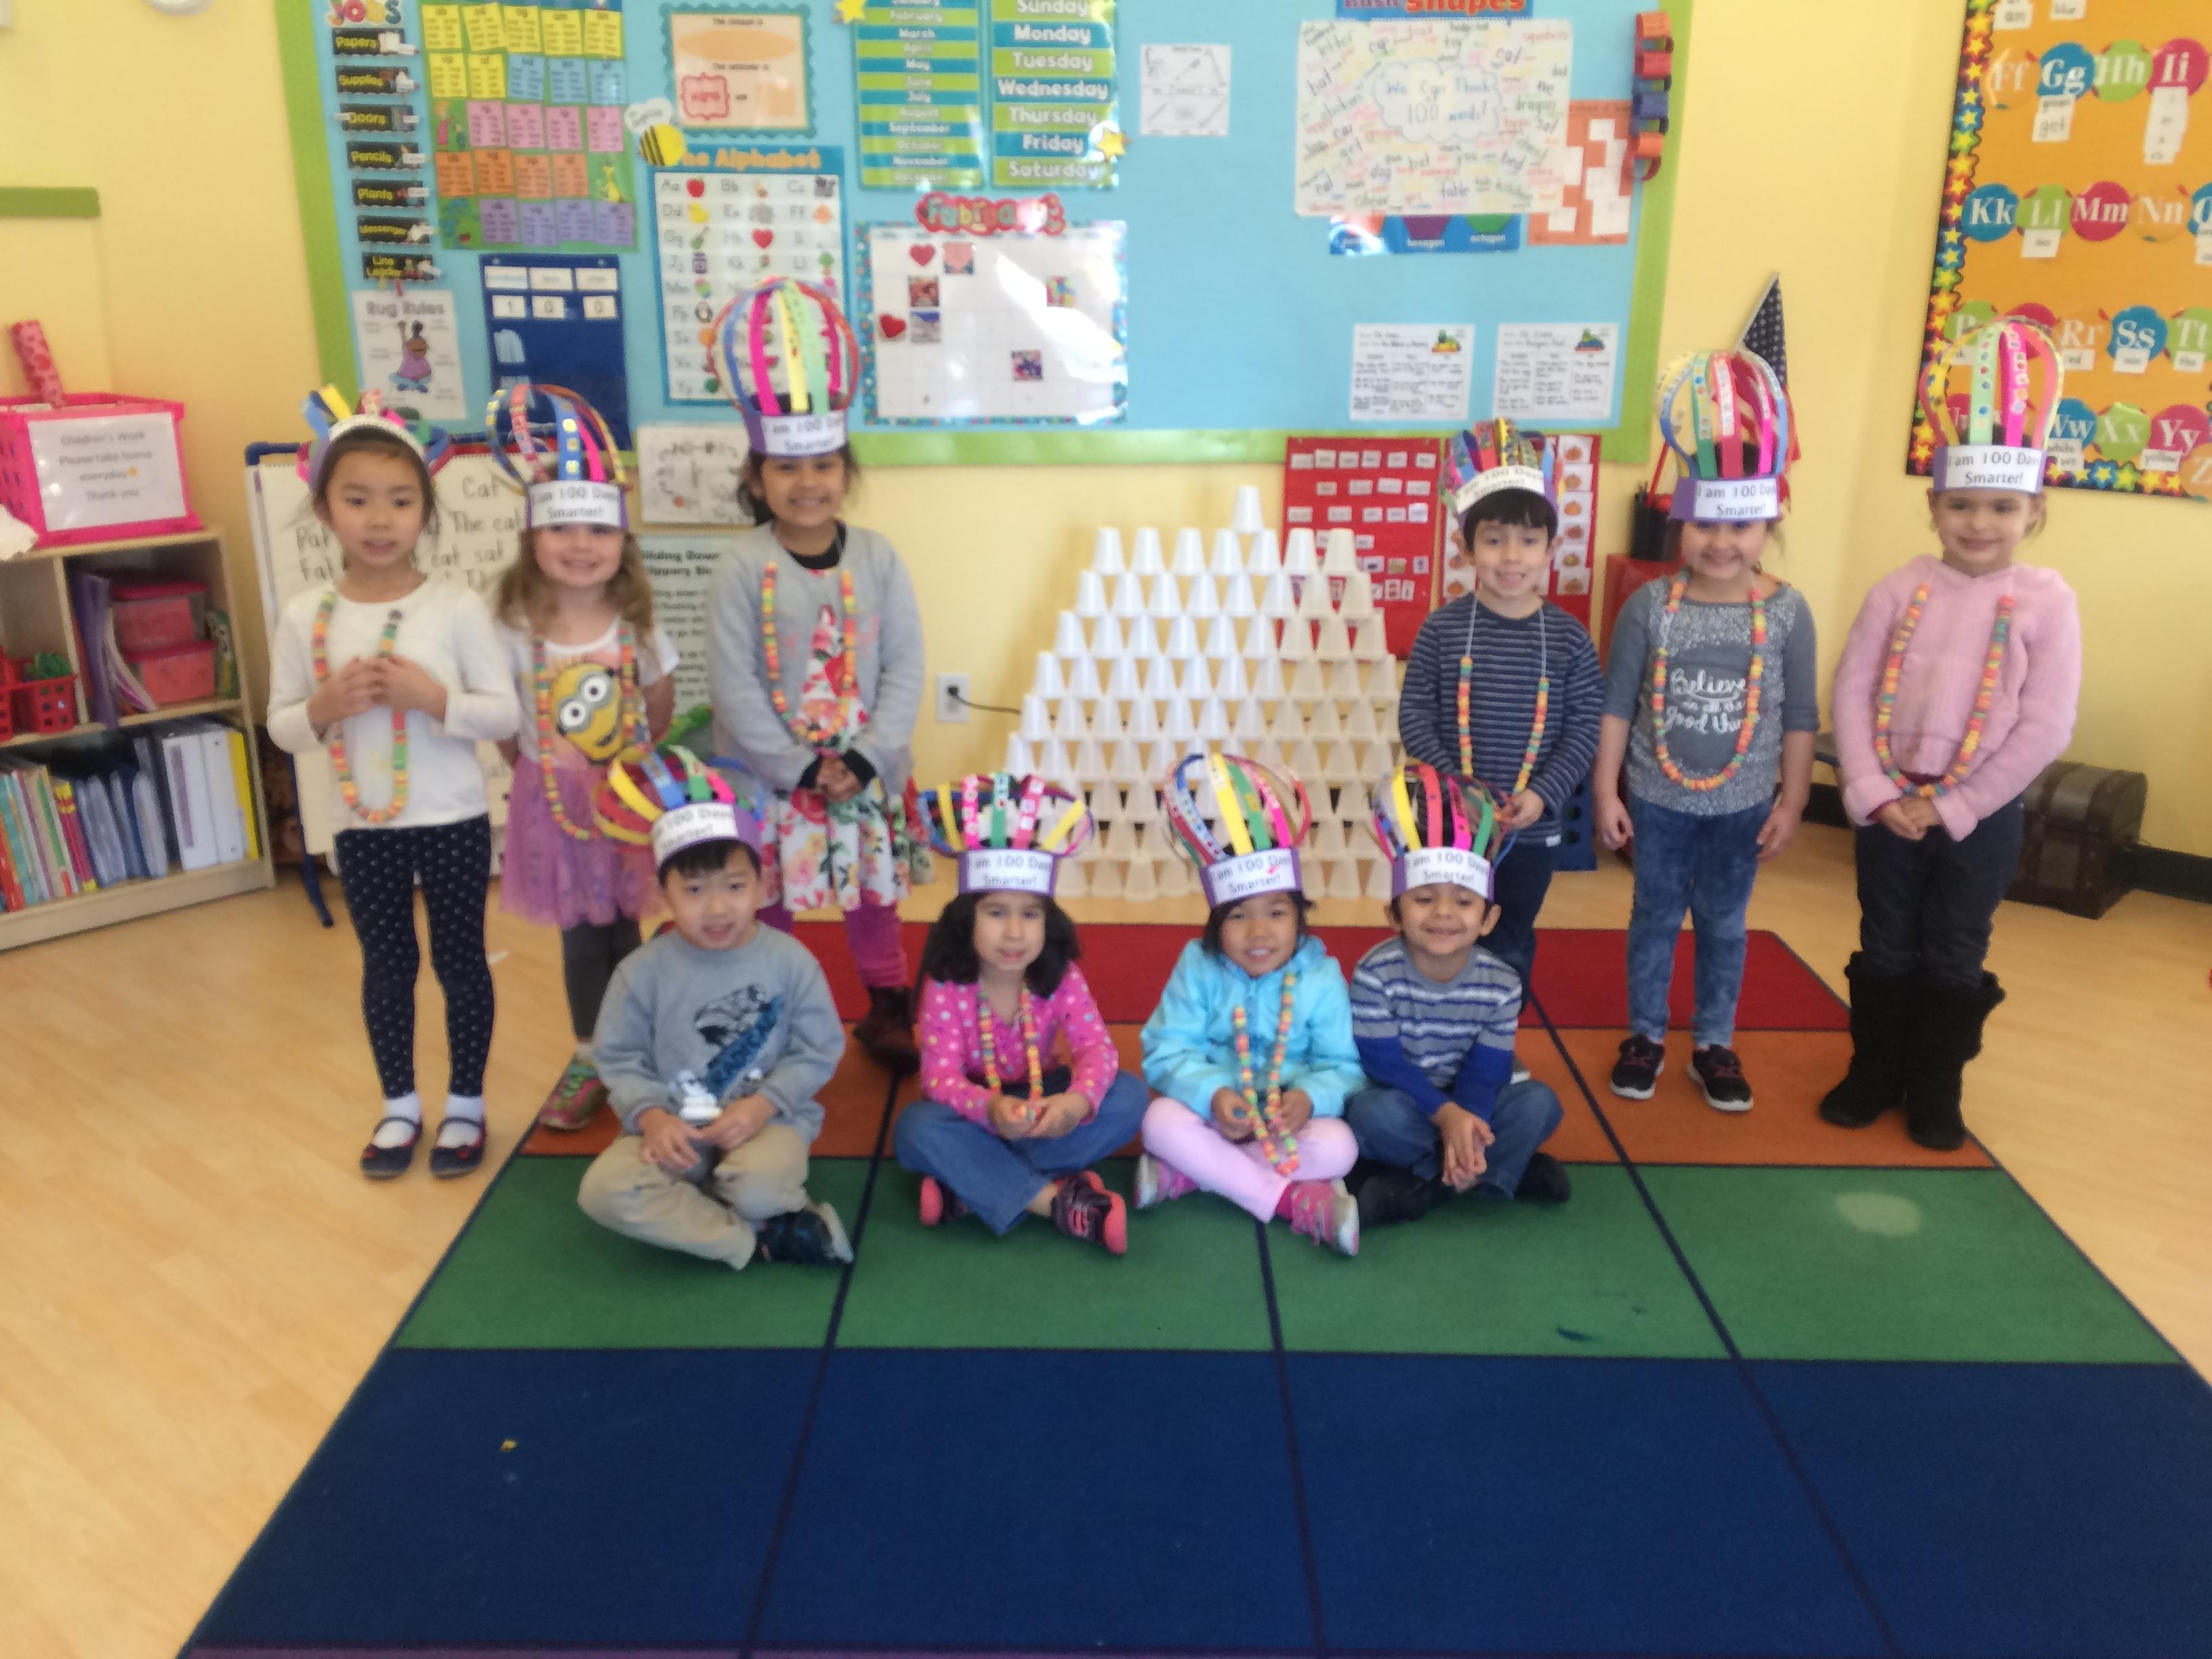 Oc Kids Infant Care Preschool Kindergarten In Garden Grove Ca Child Care 714 530 7263